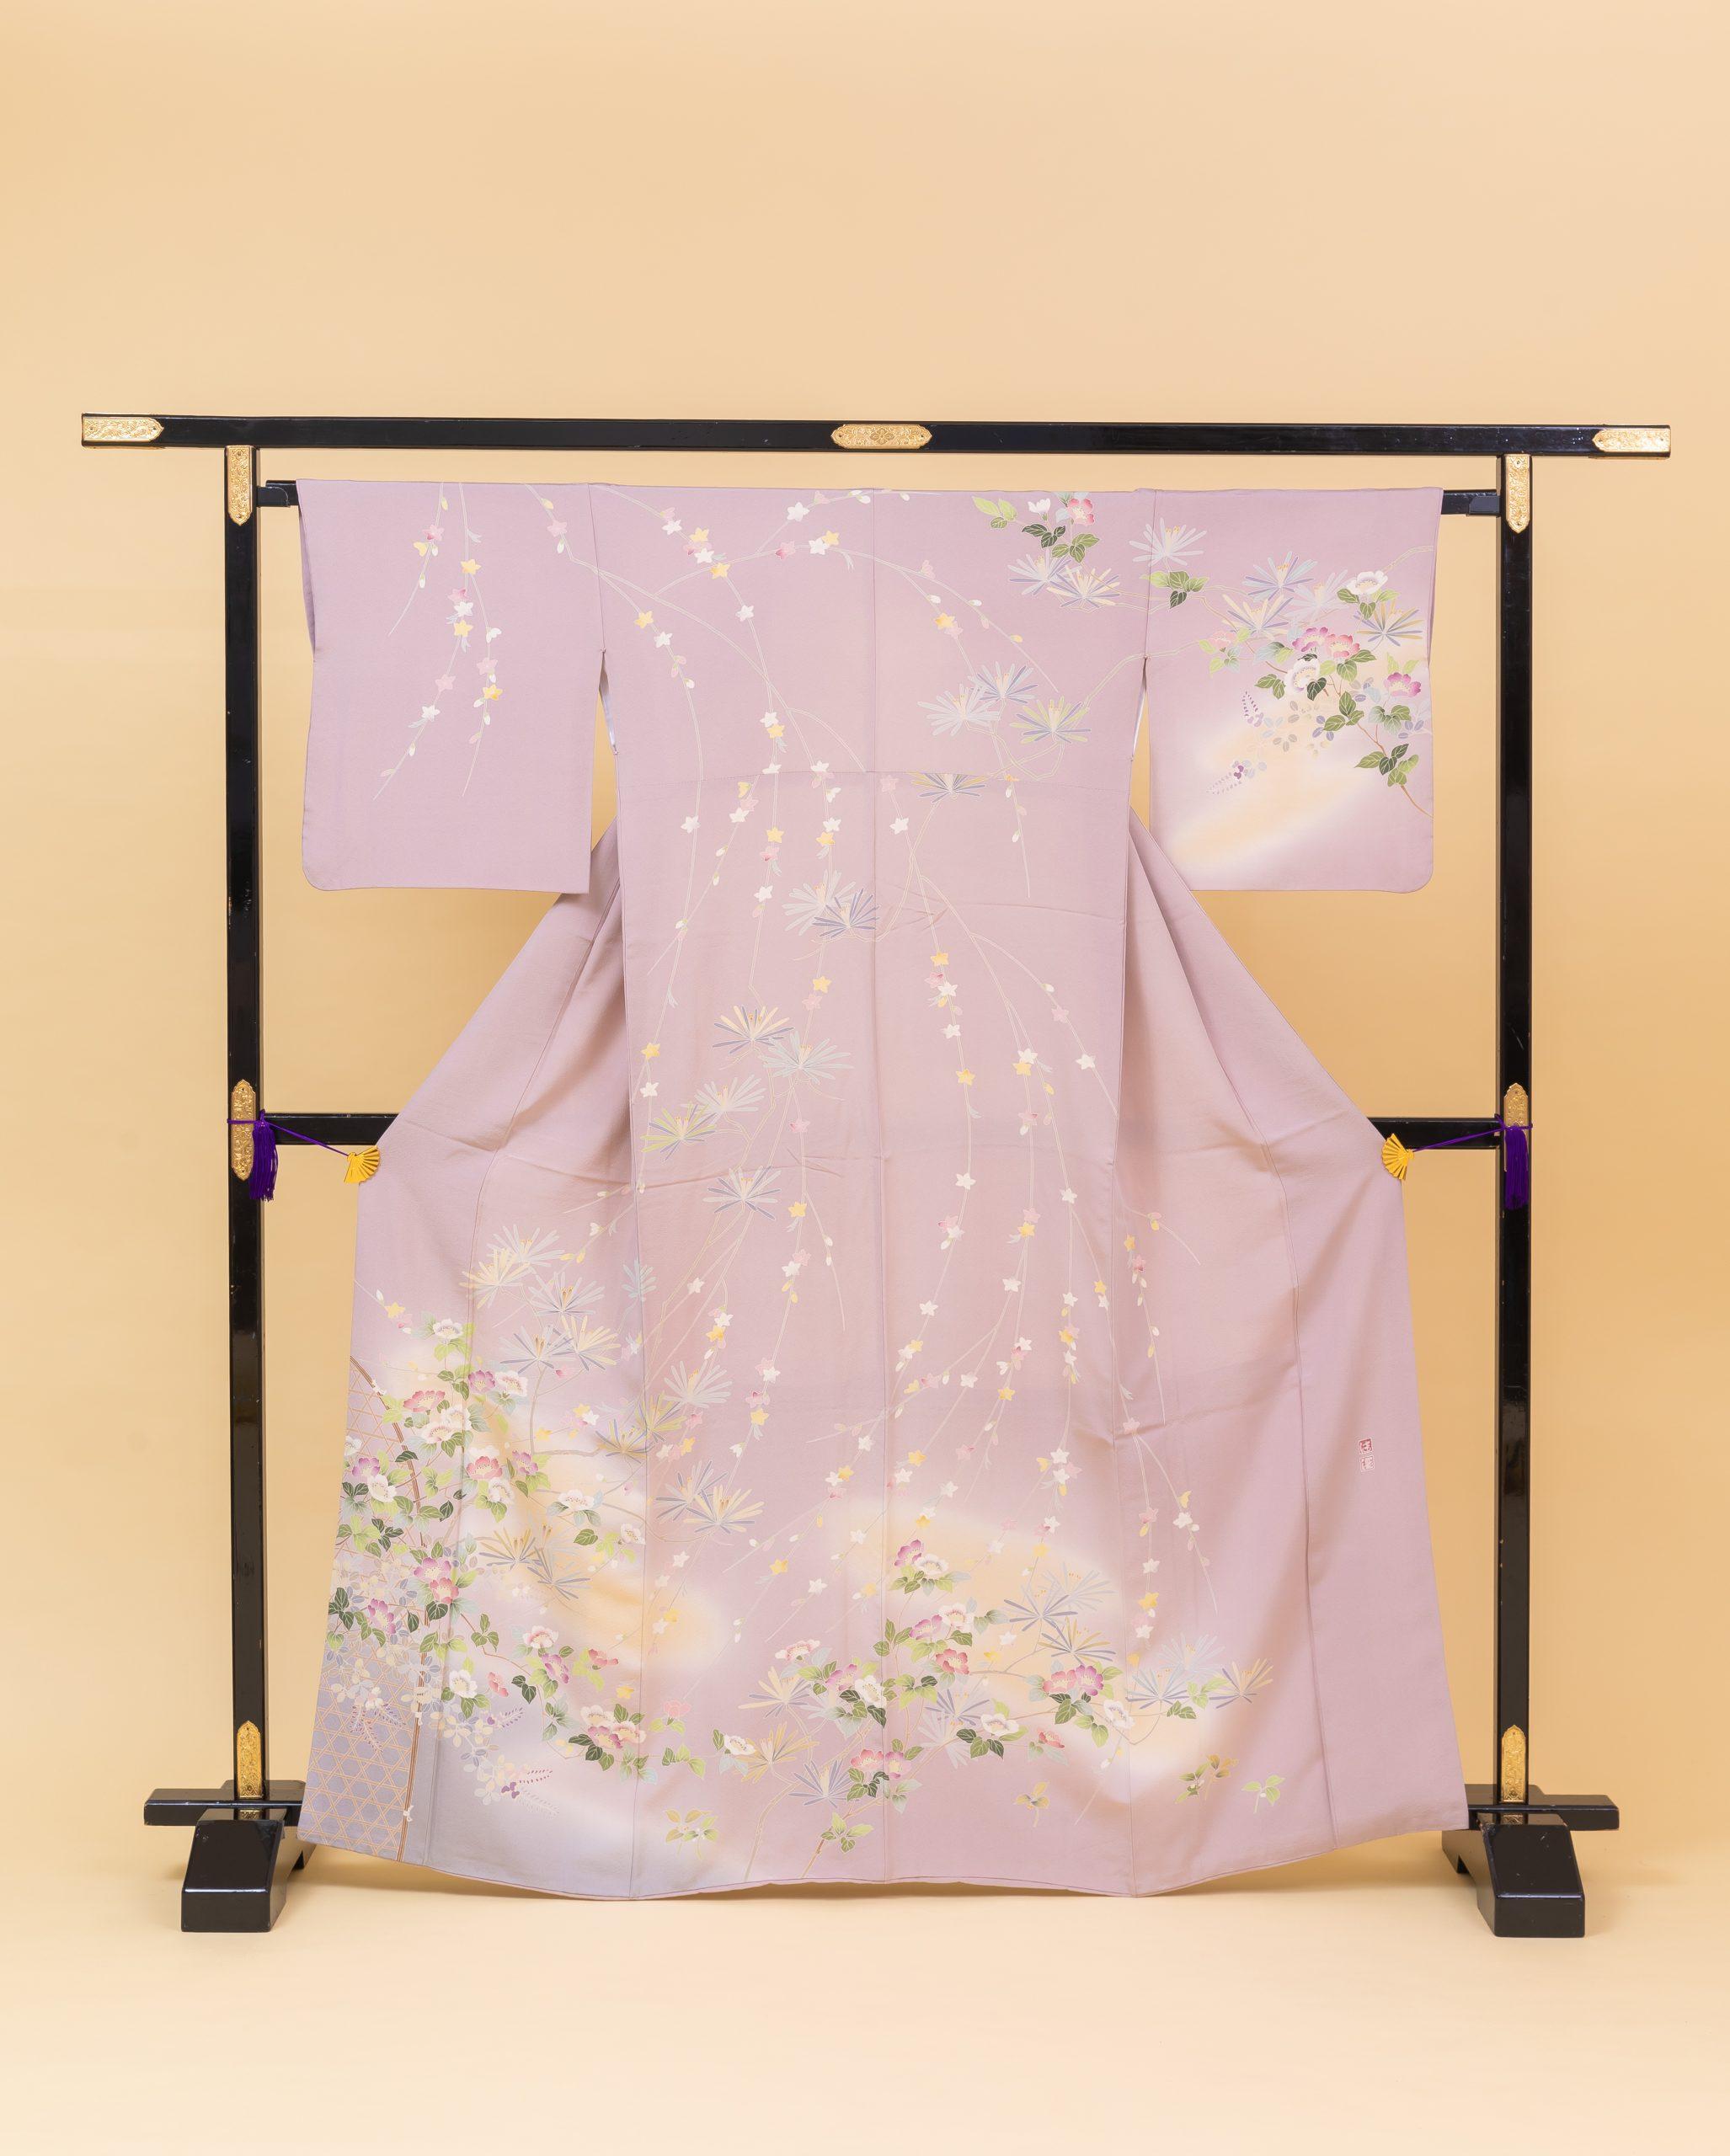 紫地友禅松椿(700106)